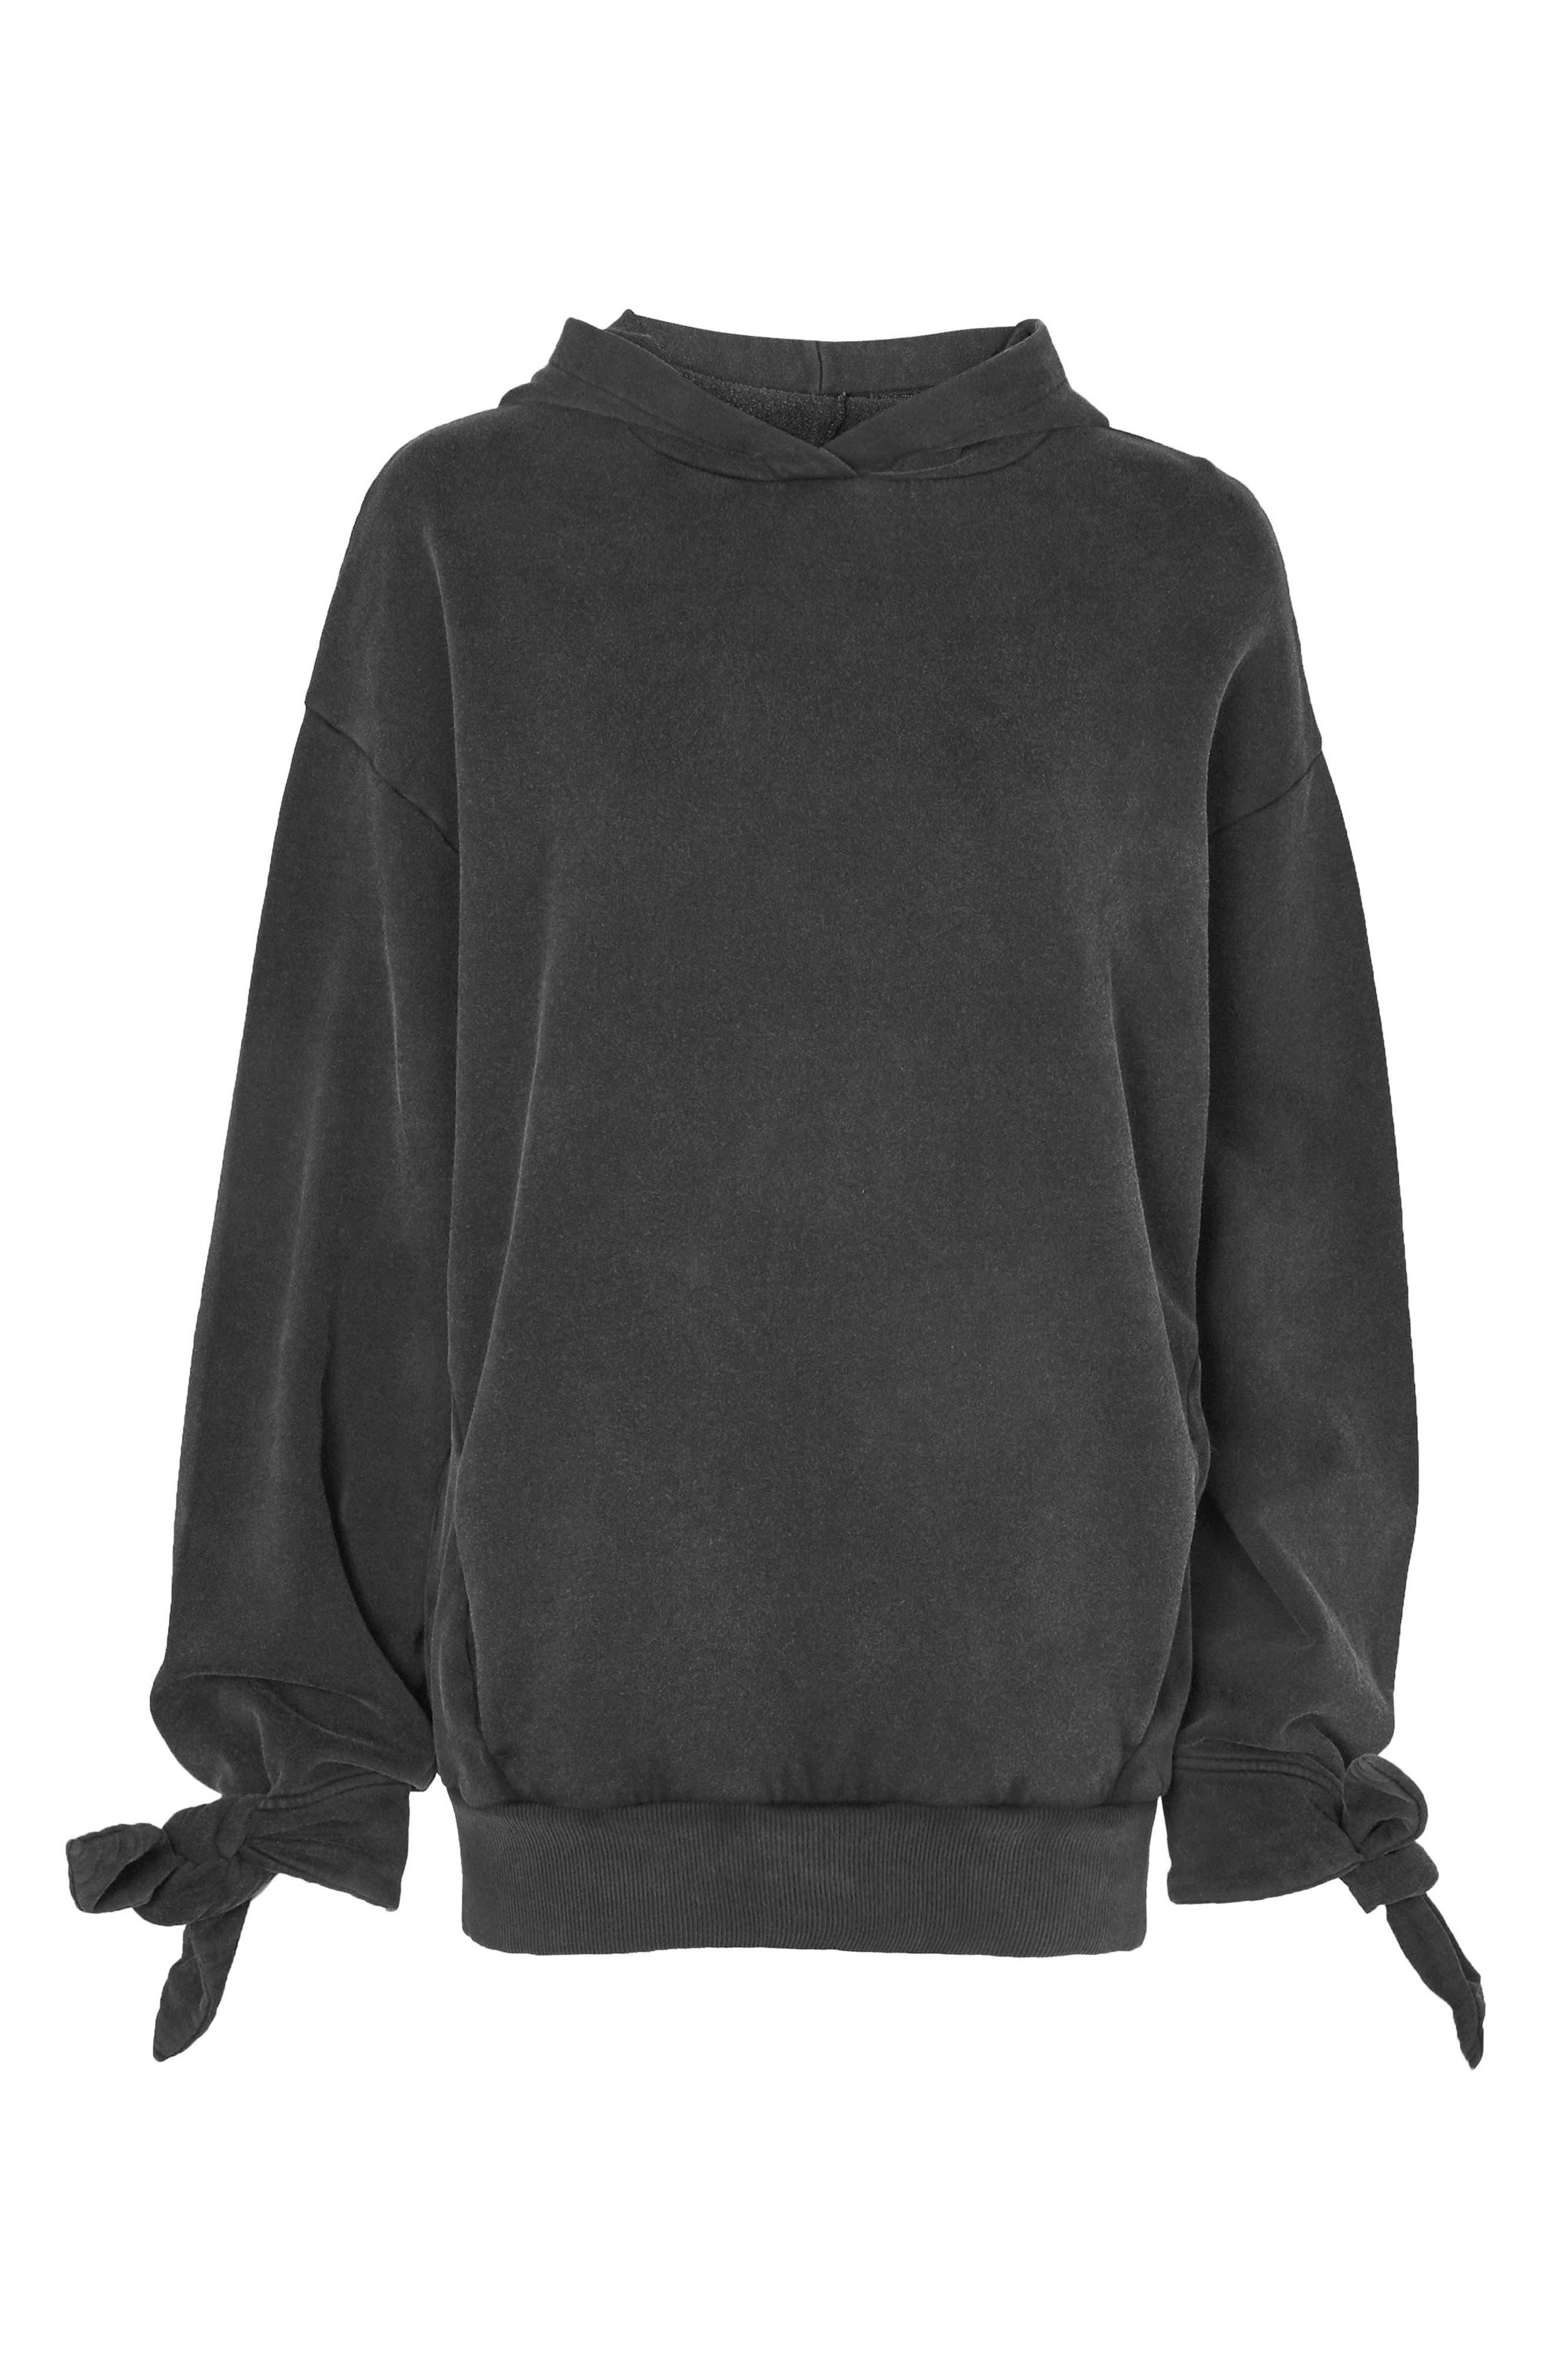 Alternate Image 1 Selected - Topshop Boutique Tie Sleeve Hoodie